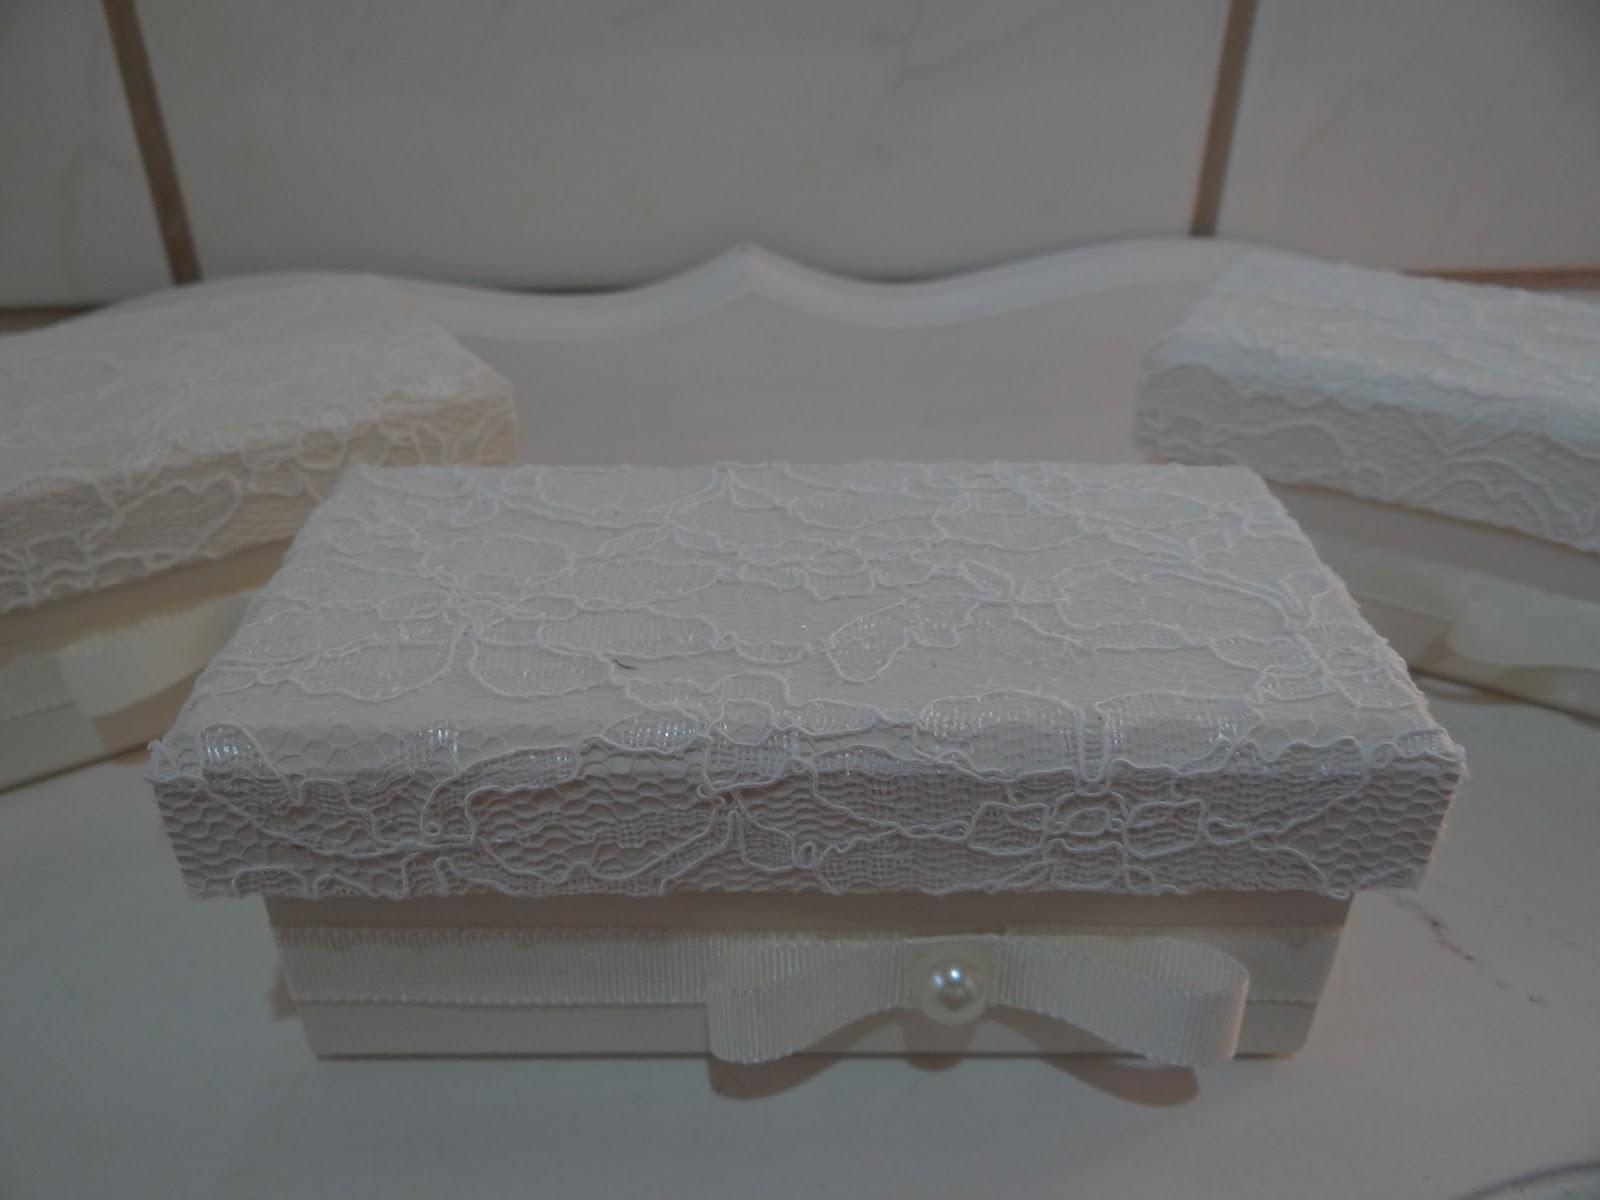 caixas mdf mdf caixas mdf lembrancinhas casamento #397392 1600x1200